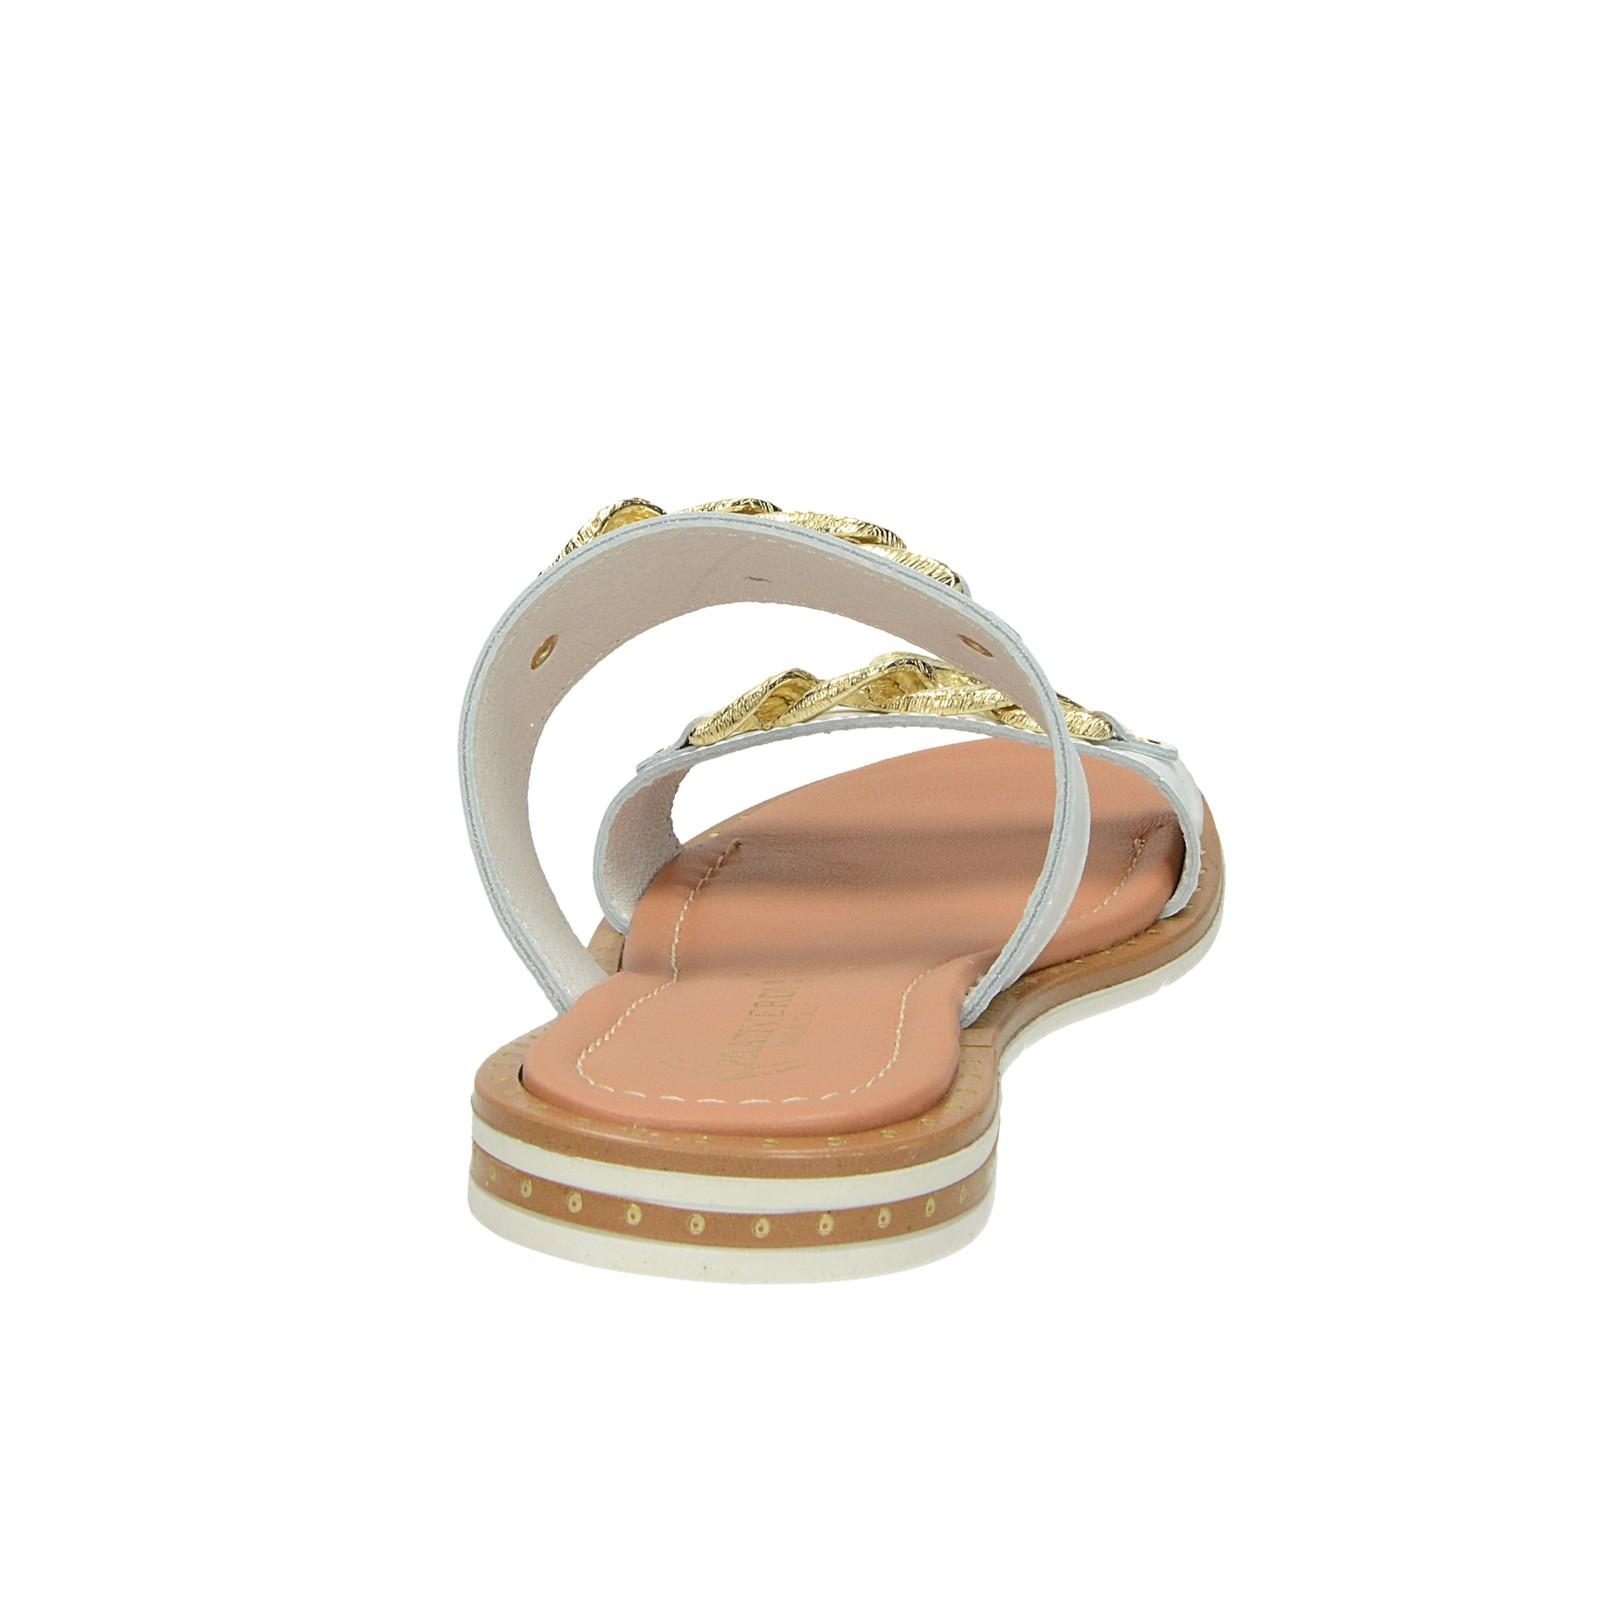 6a10c61417309 Prativerdi dámske elegantné šľapky - biele | 188797-WHT www.robel.sk